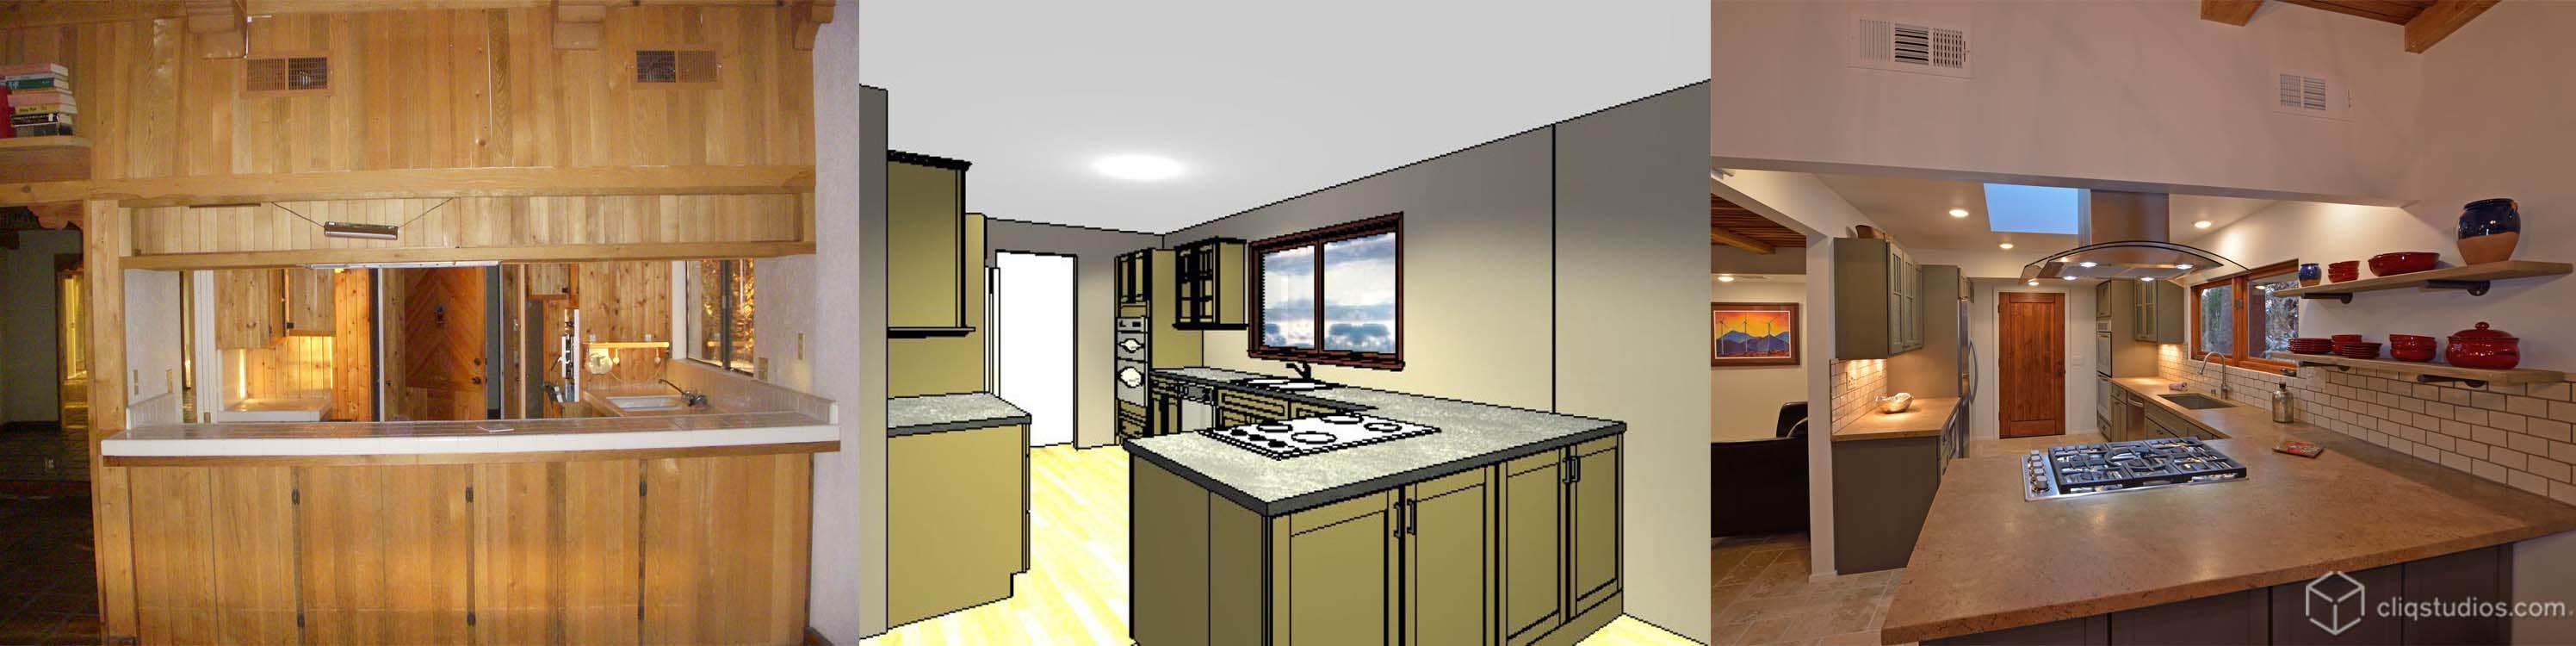 CliqStudios.com kitchen remodel